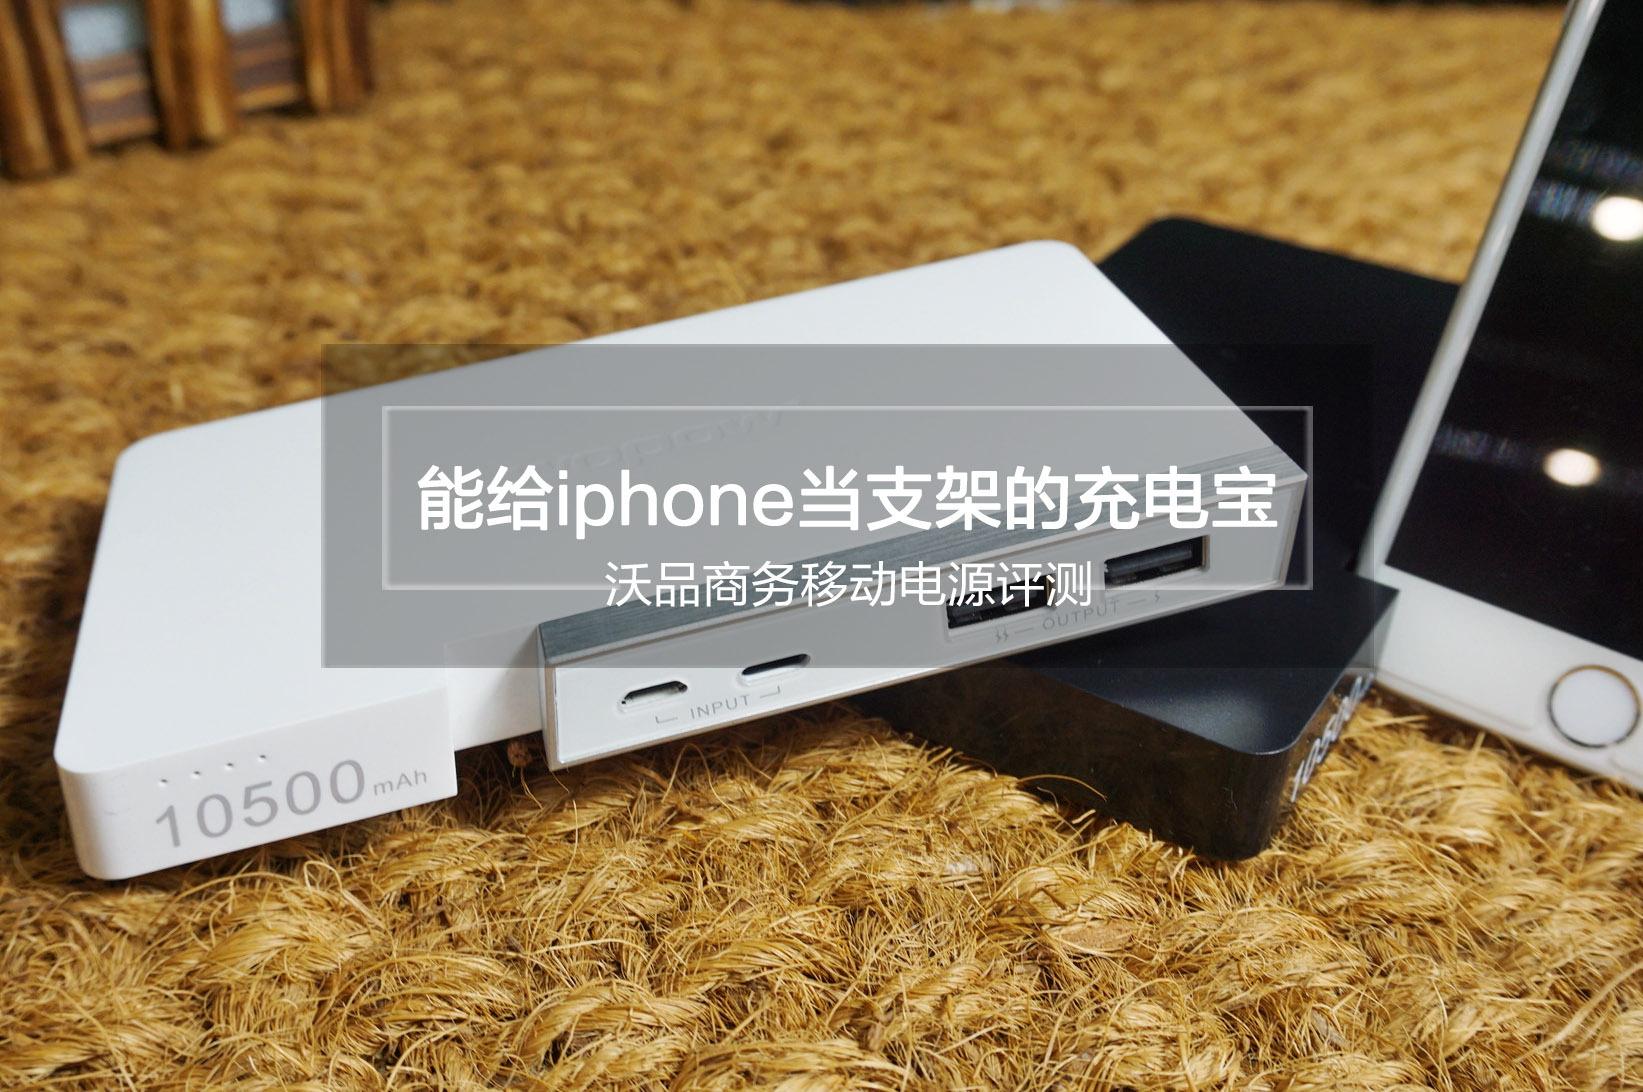 沃品S10商務移動電源評測 可當手機支架用的充電...